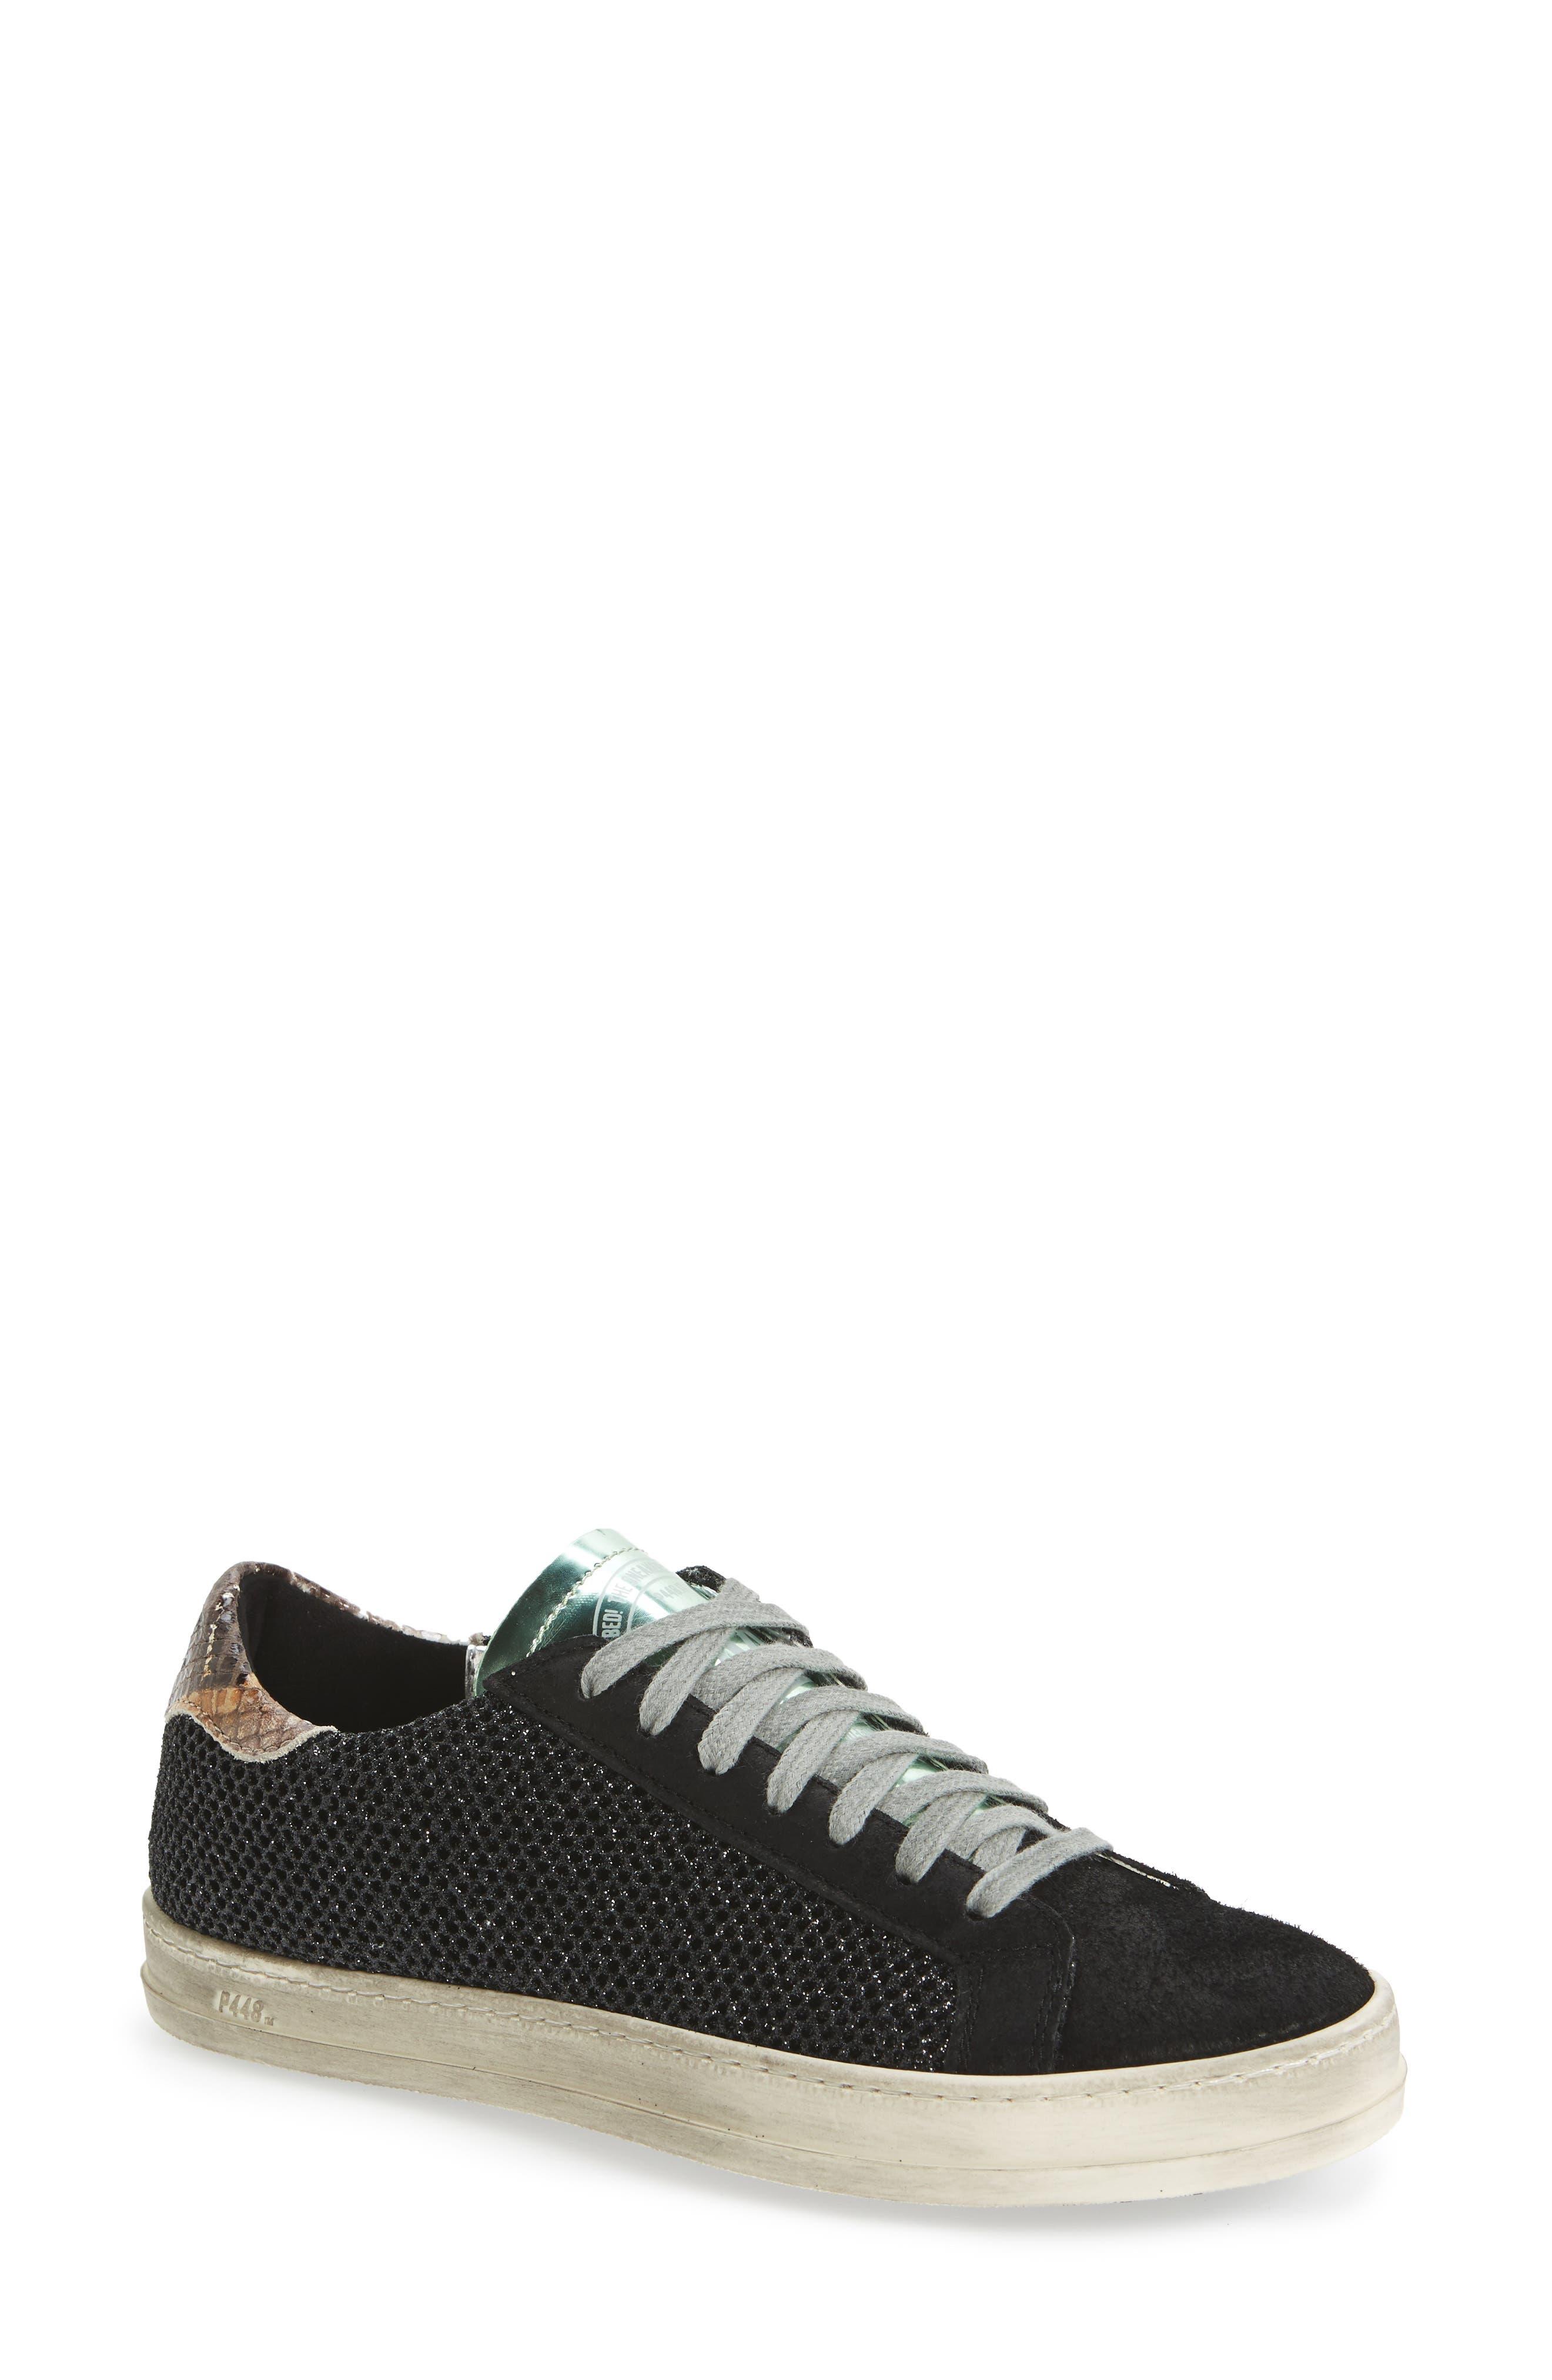 John Sneaker,                         Main,                         color, GLITTER TECHNICAL MESH